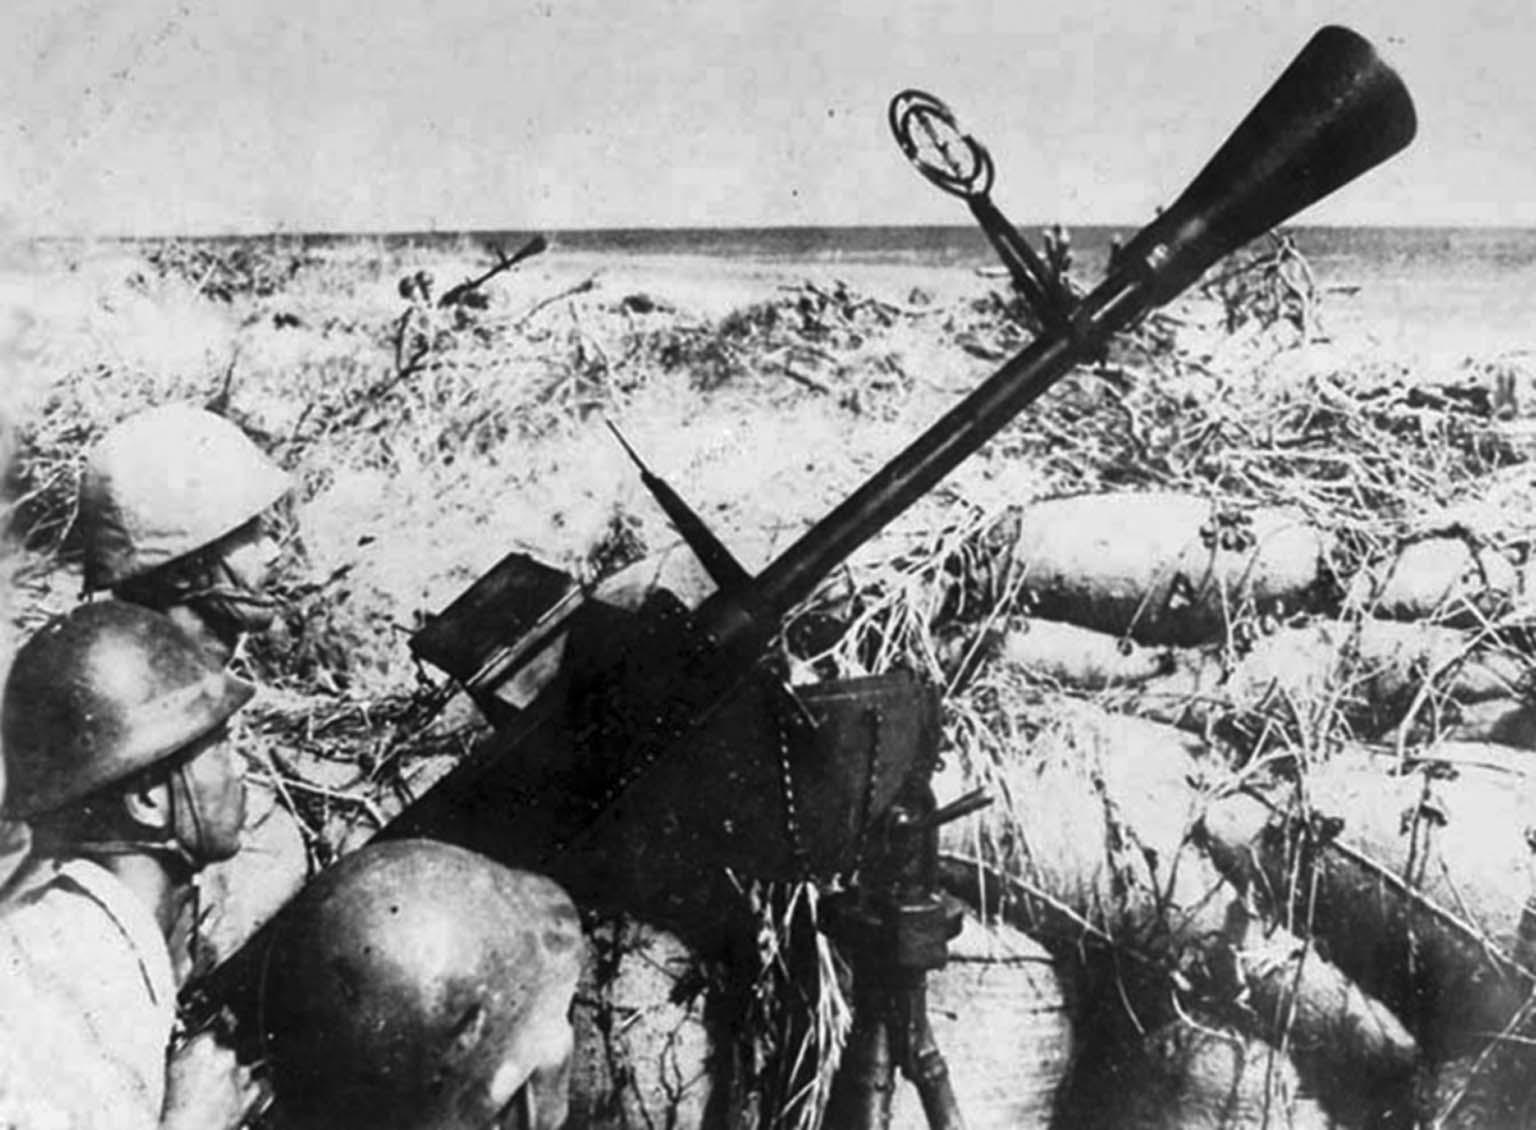 anti-aircraft machine gun